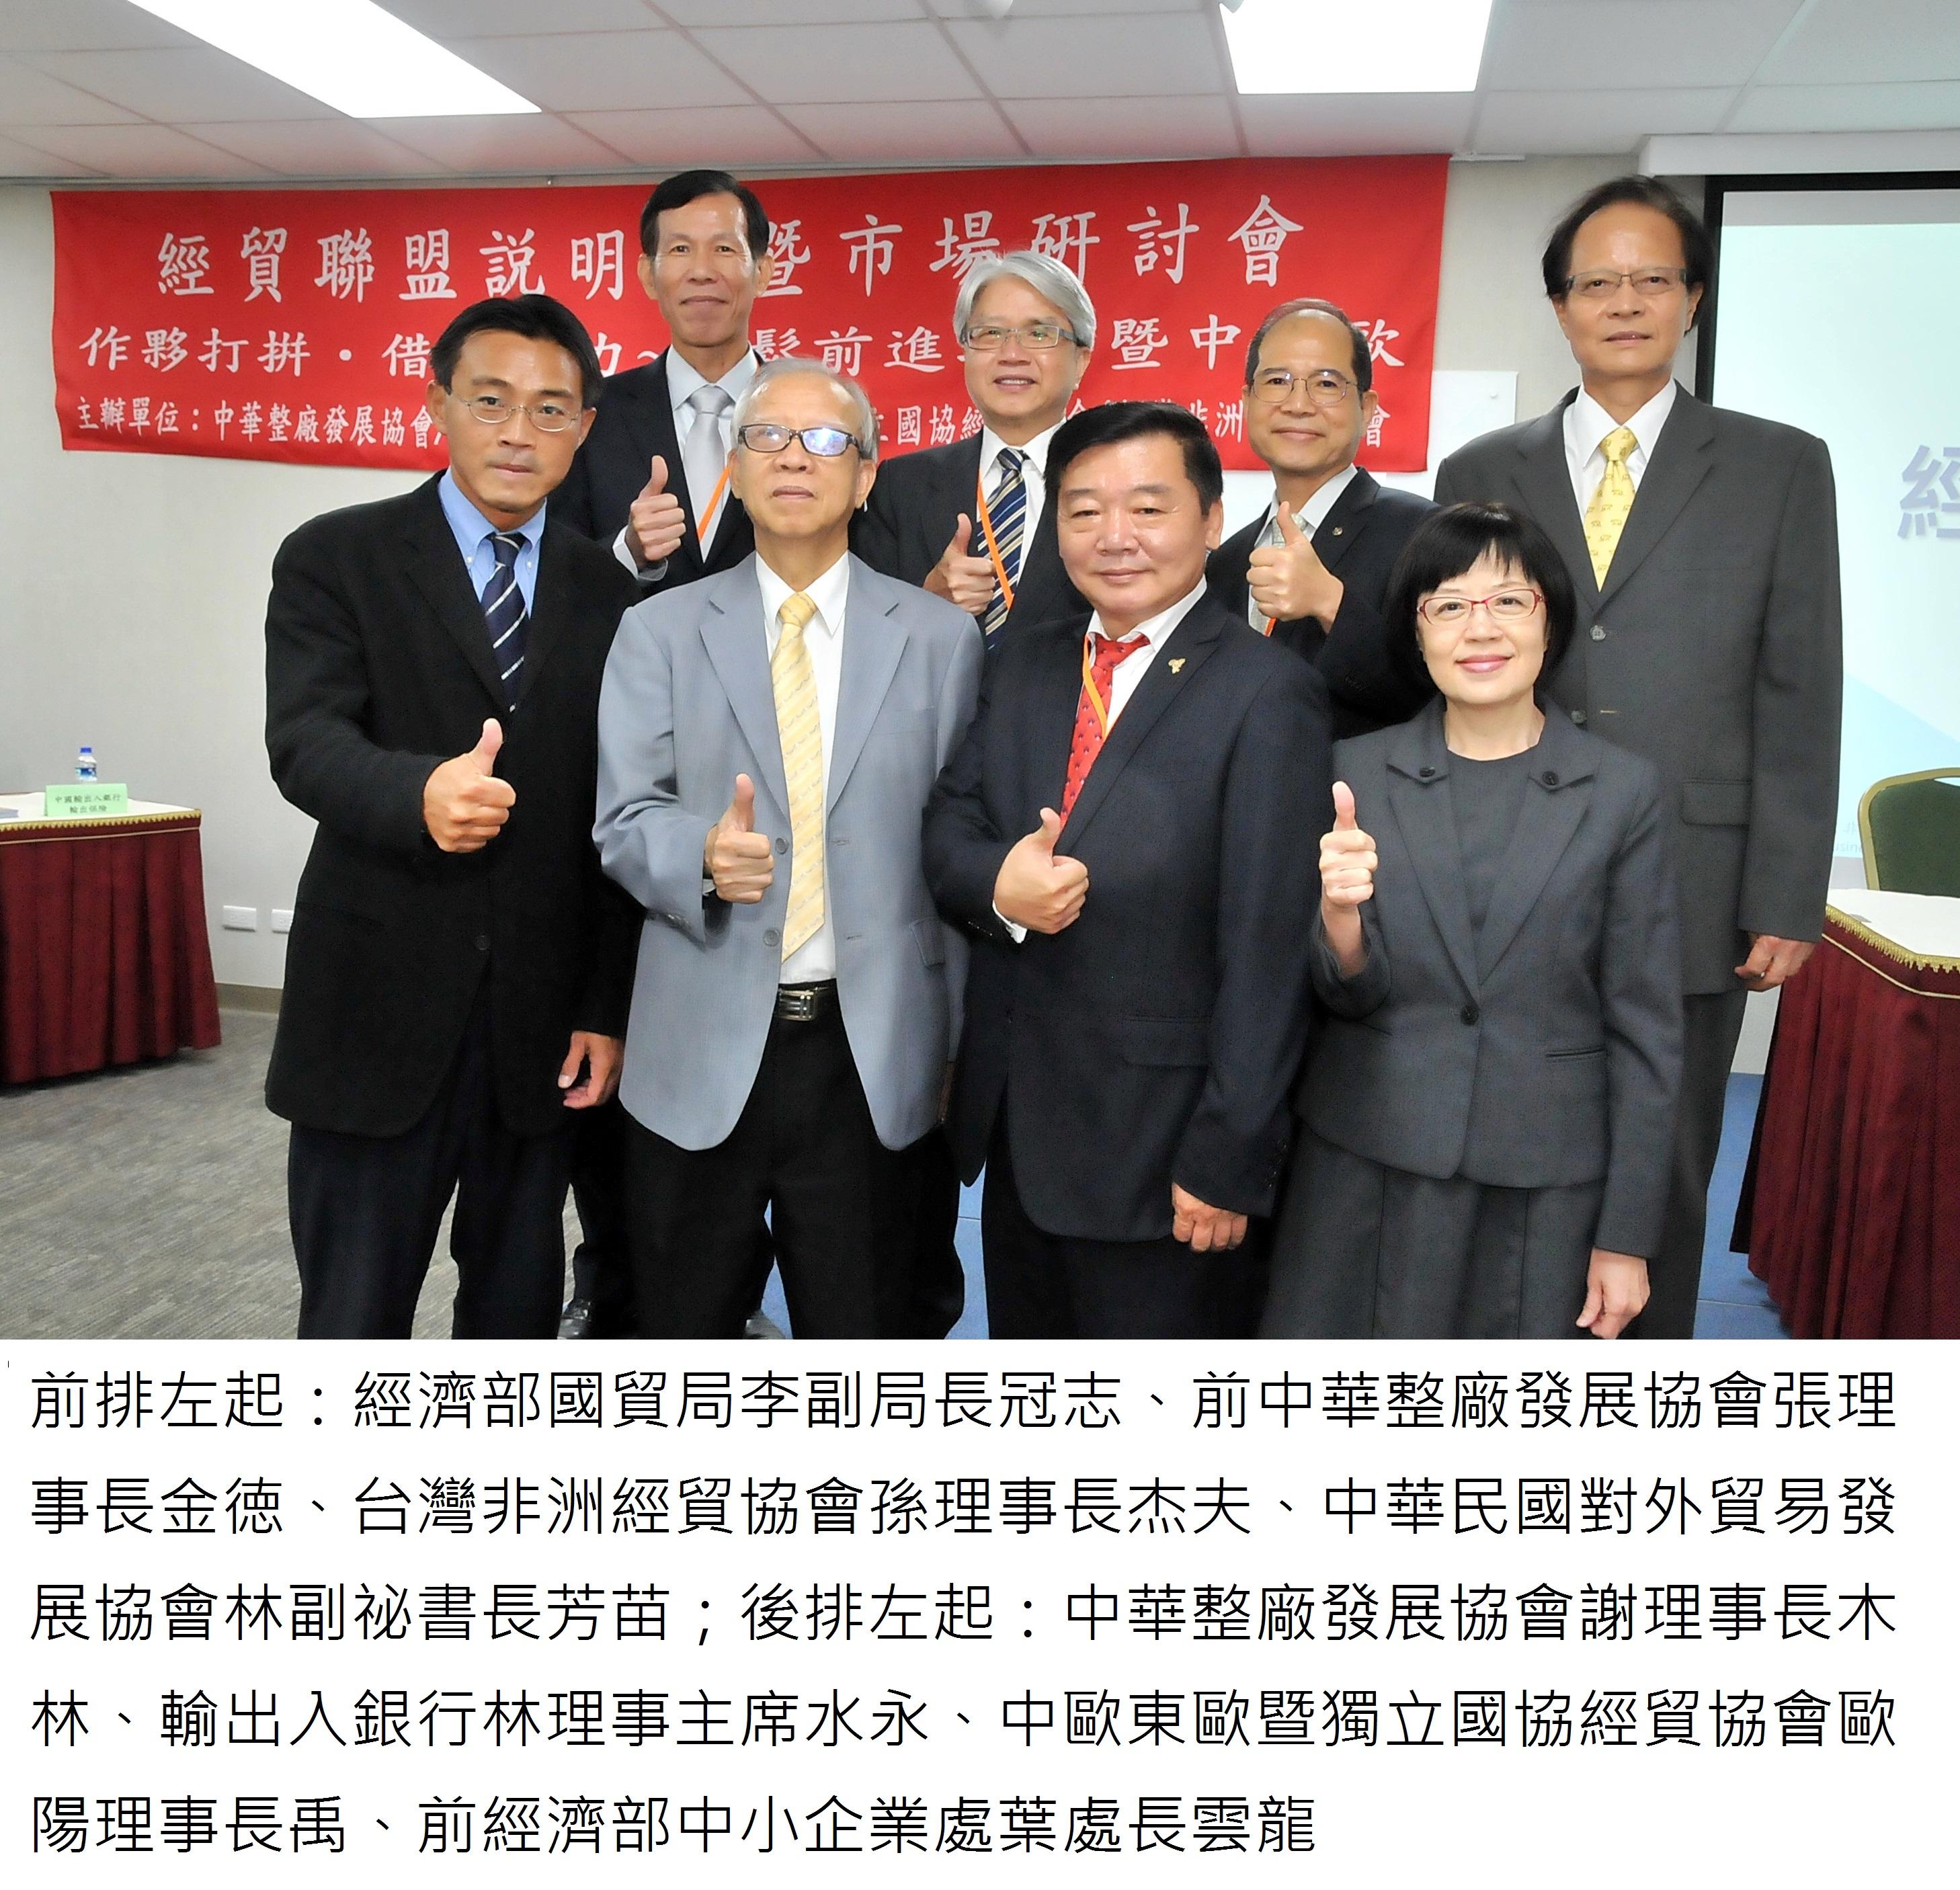 圖片說明-輸出入銀行與三大經貿協會共創「經貿聯盟」,盛大舉辦活動